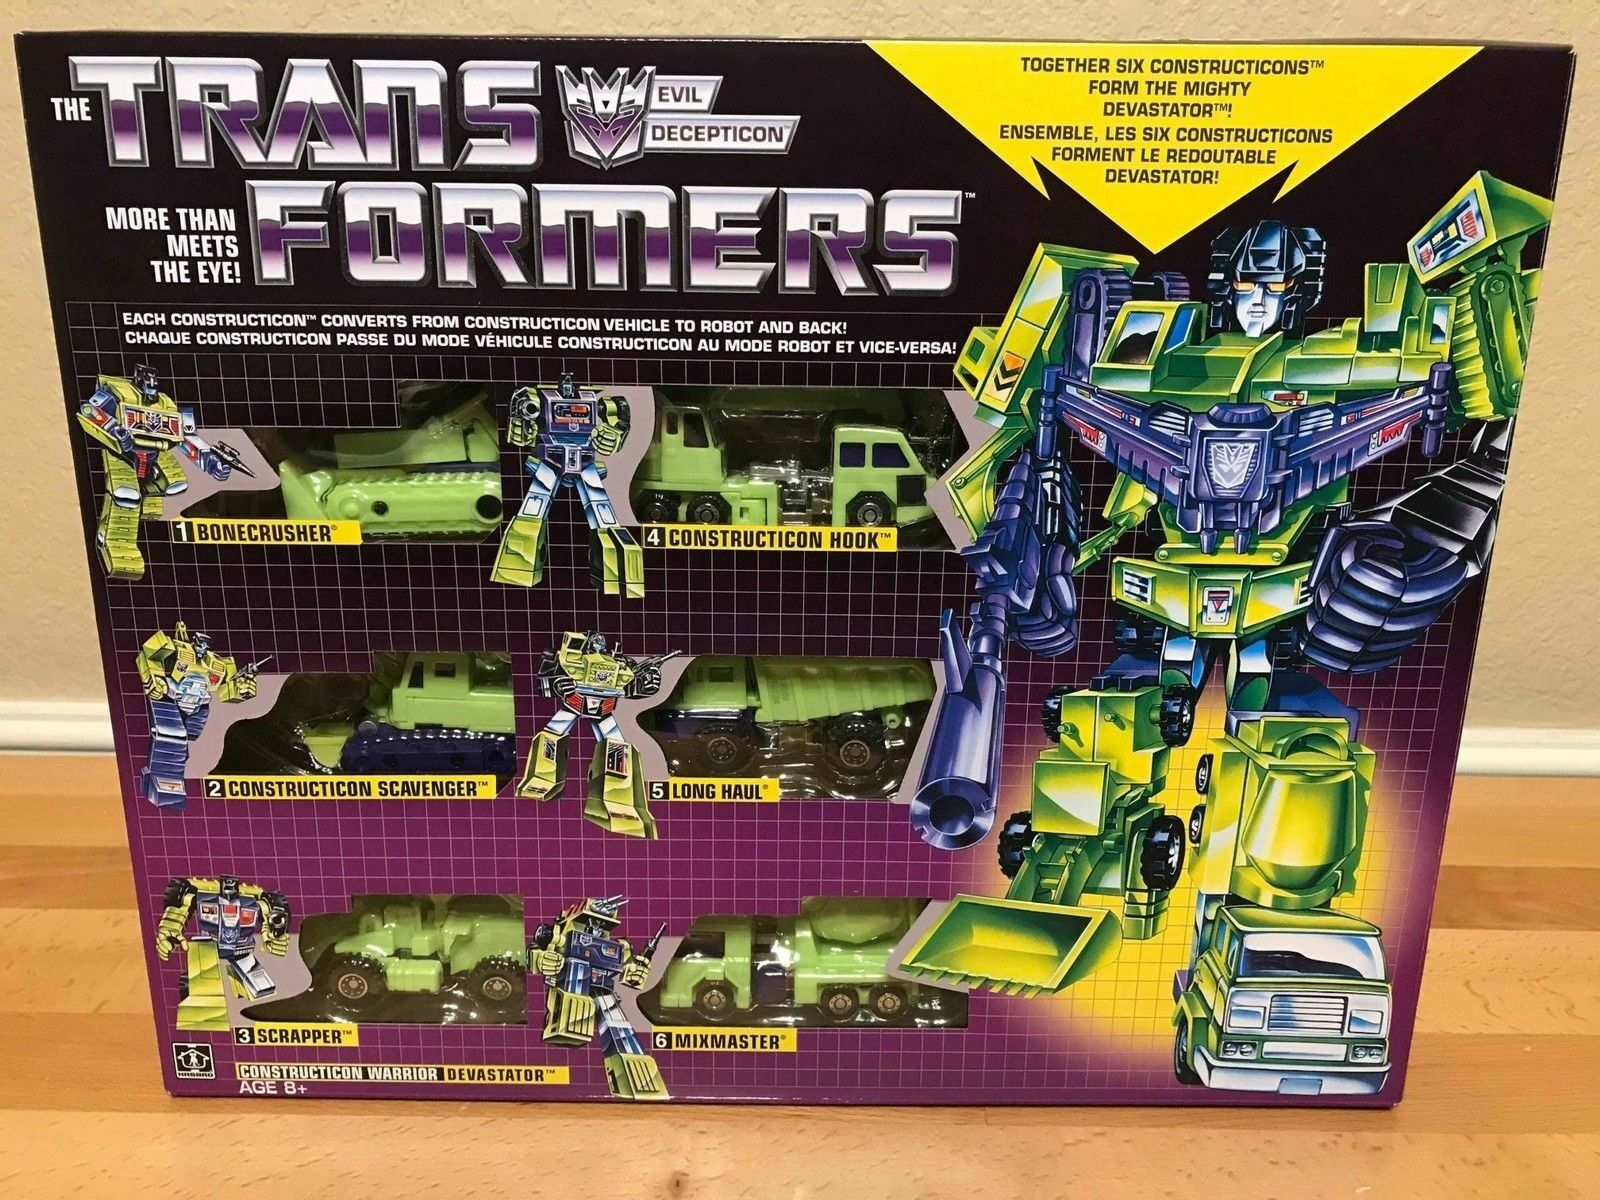 contador genuino Transformers Vintage G1 Devastator 2018 Walmart exclusivo exclusivo exclusivo reedición de sellado de fábrica  disfrutando de sus compras